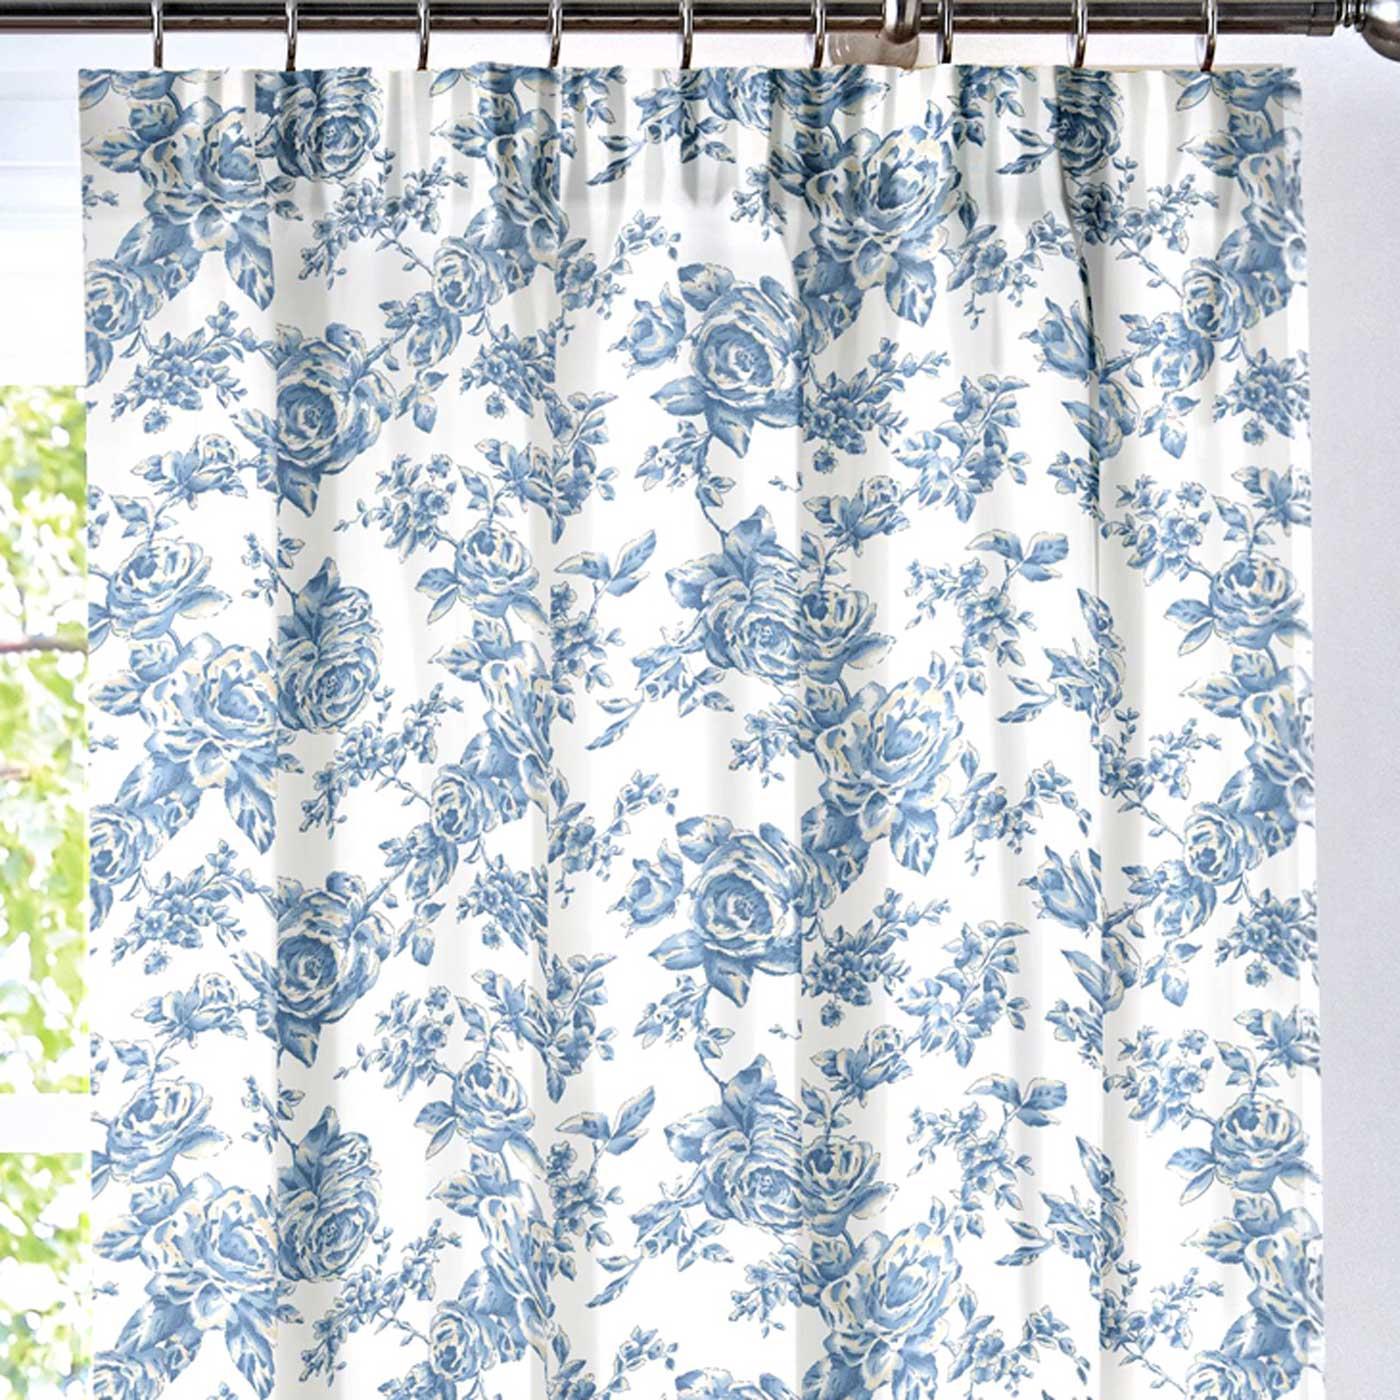 Fundas-de-edredon-azul-con-motivos-florales-Patchwork-Toile-pais-Edredon-Cubierta-de-Lujo-sistemas miniatura 20